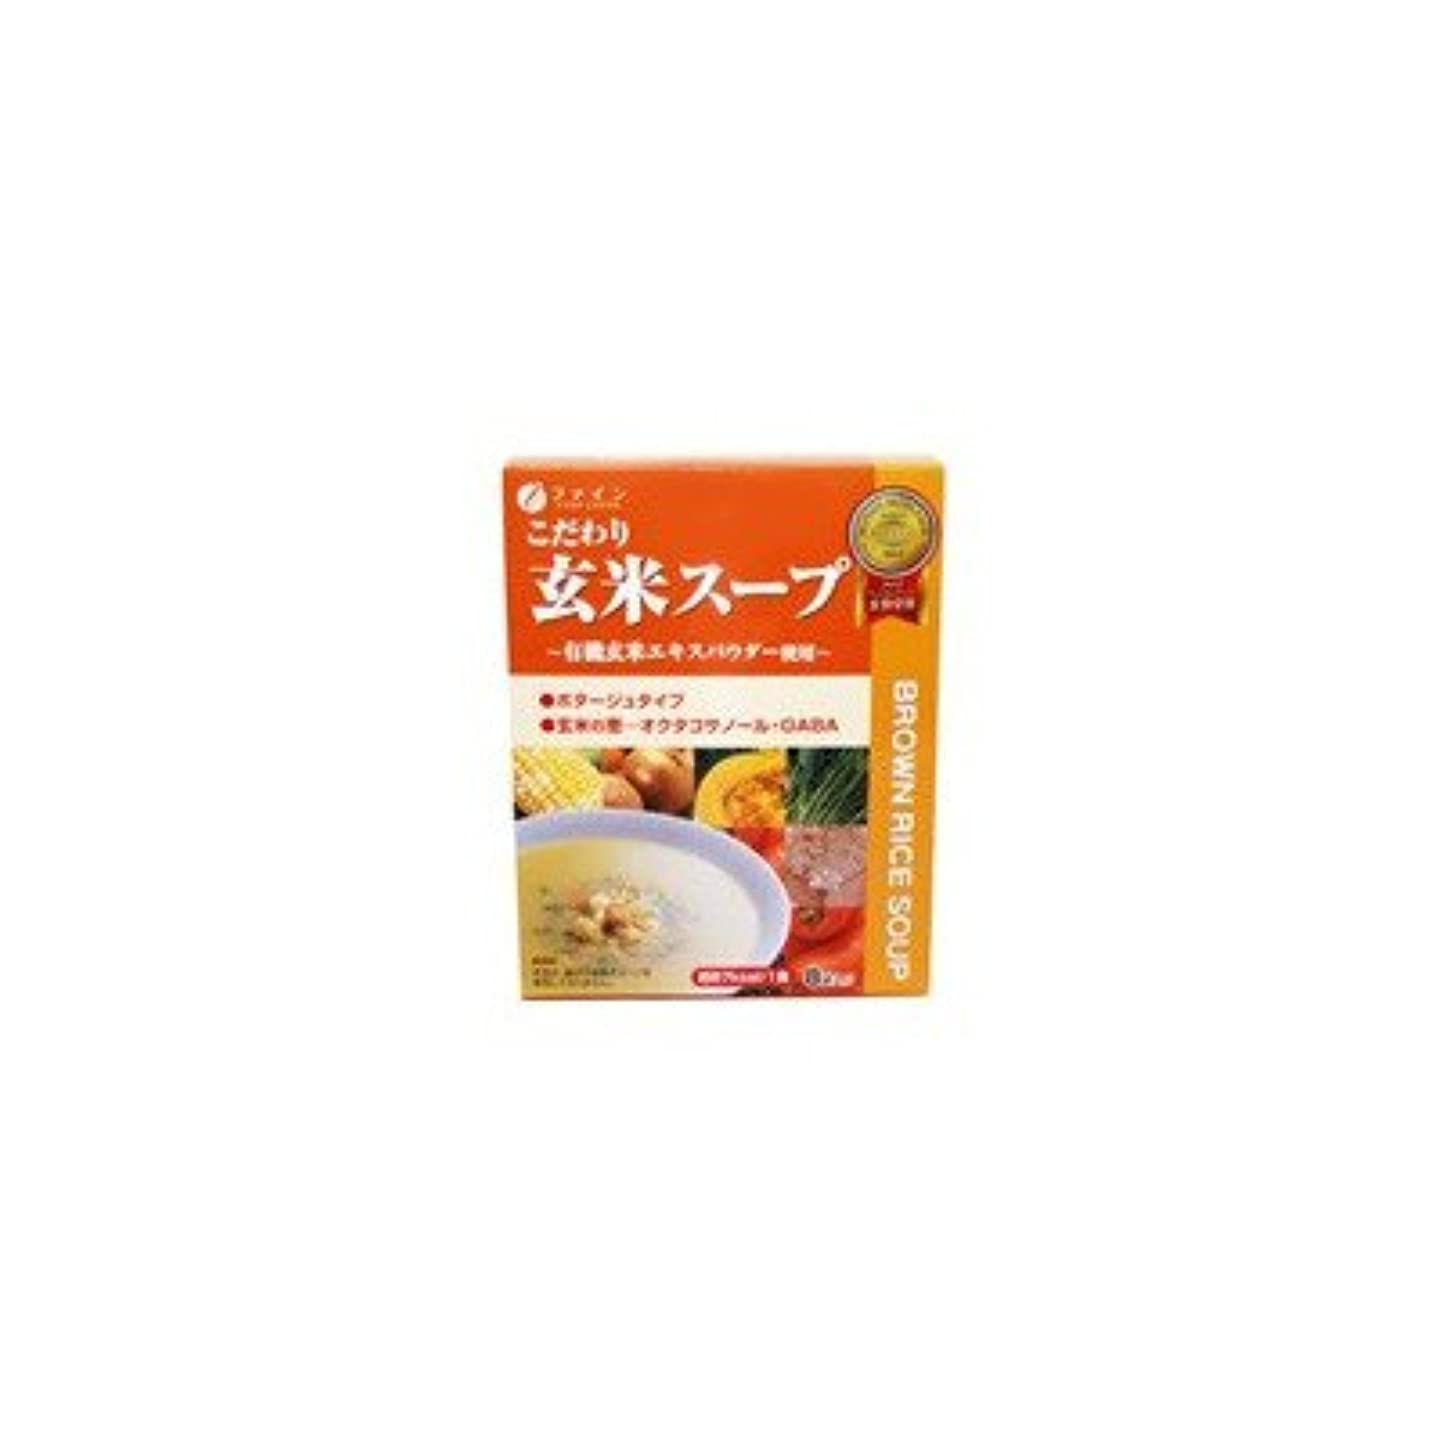 下維持エンジニアリングファイン 203399 こだわり玄米スープ(8食入り)